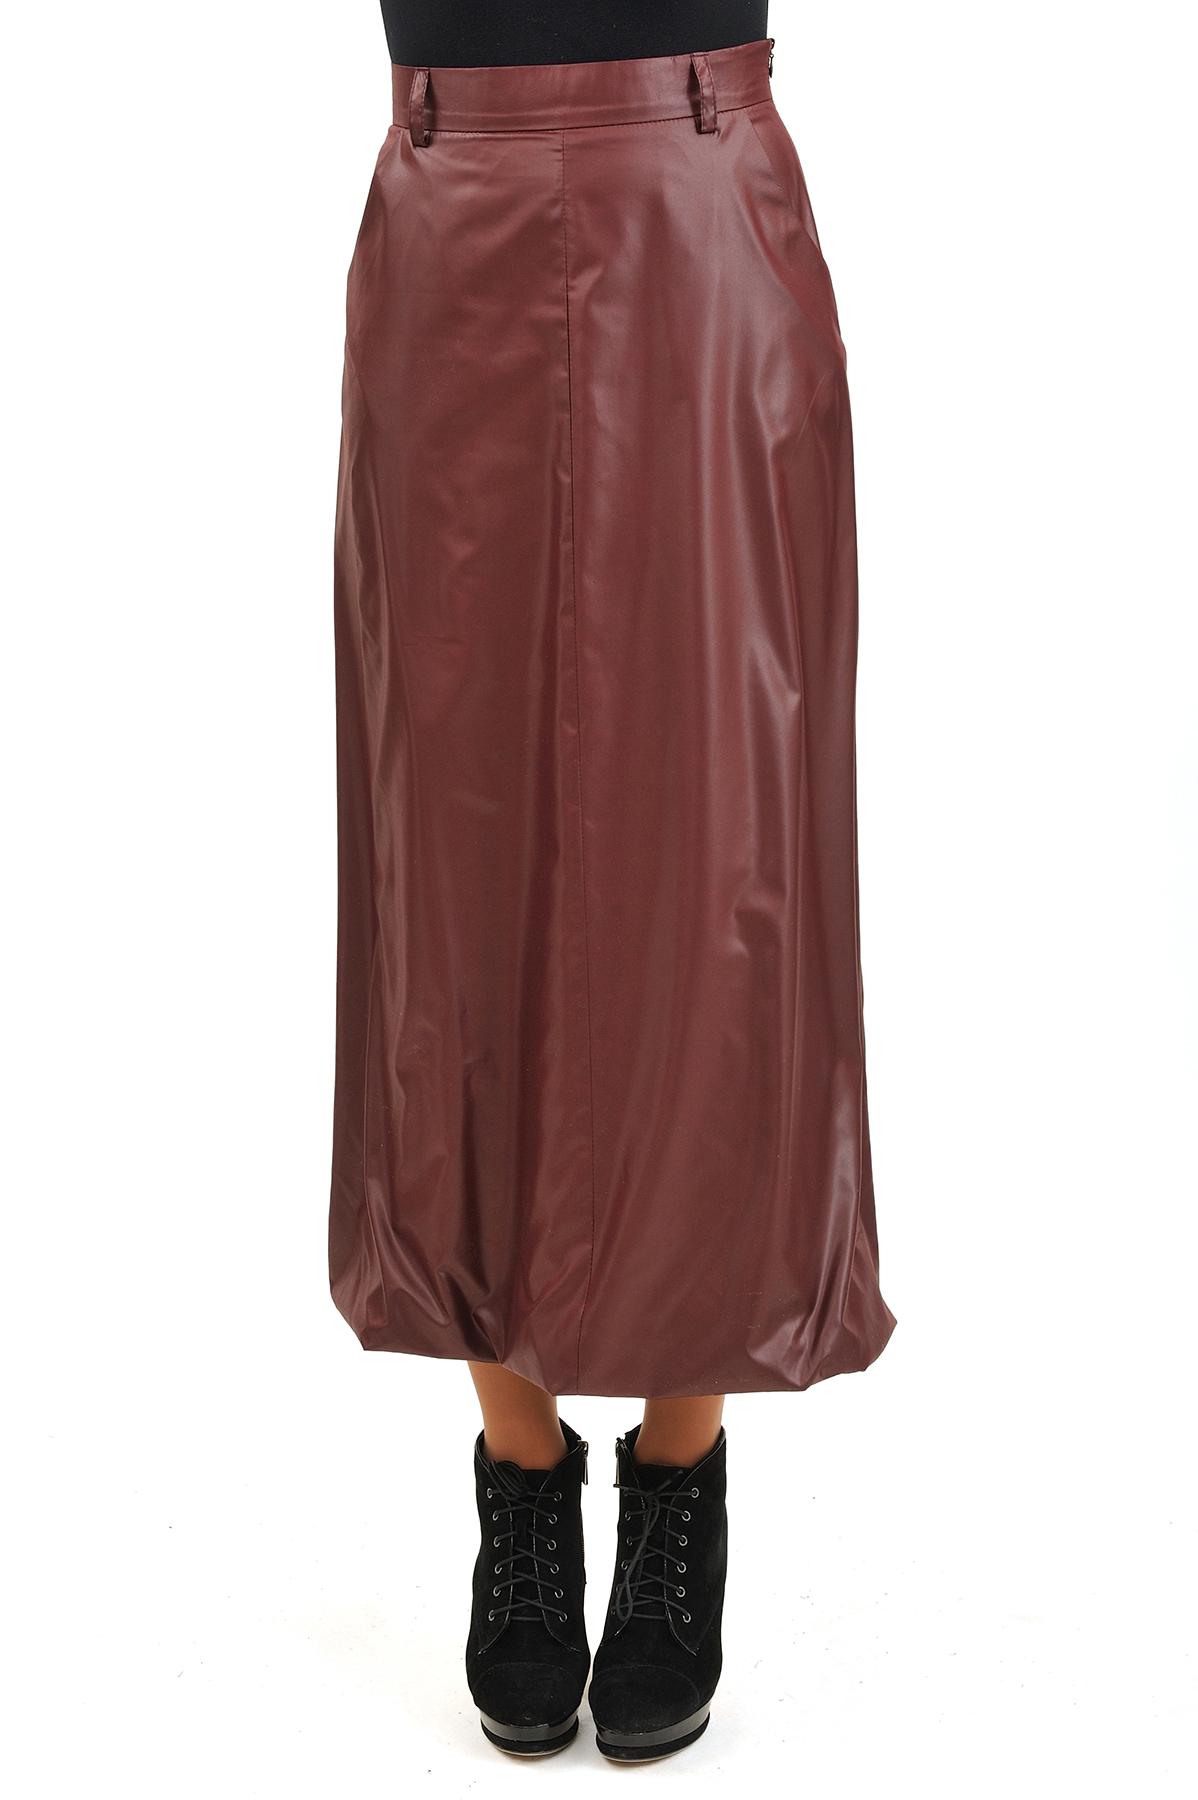 ЮбкаЖенские юбки и брюки<br>Эффектная юбка должна быть в каждом гардеробе и эта модель отвечает всем требованиям современной модницы! Благодаря спокойной однотонной расцветке, юбка превосходно гармонирует с любыми вещами.<br><br>Цвет: бордовый<br>Состав: 100% полиэстер, подкладка: 92% вискоза, 5% лайкра<br>Размер: 42,44,46,48,50,52,56<br>Страна дизайна: Россия<br>Страна производства: Россия